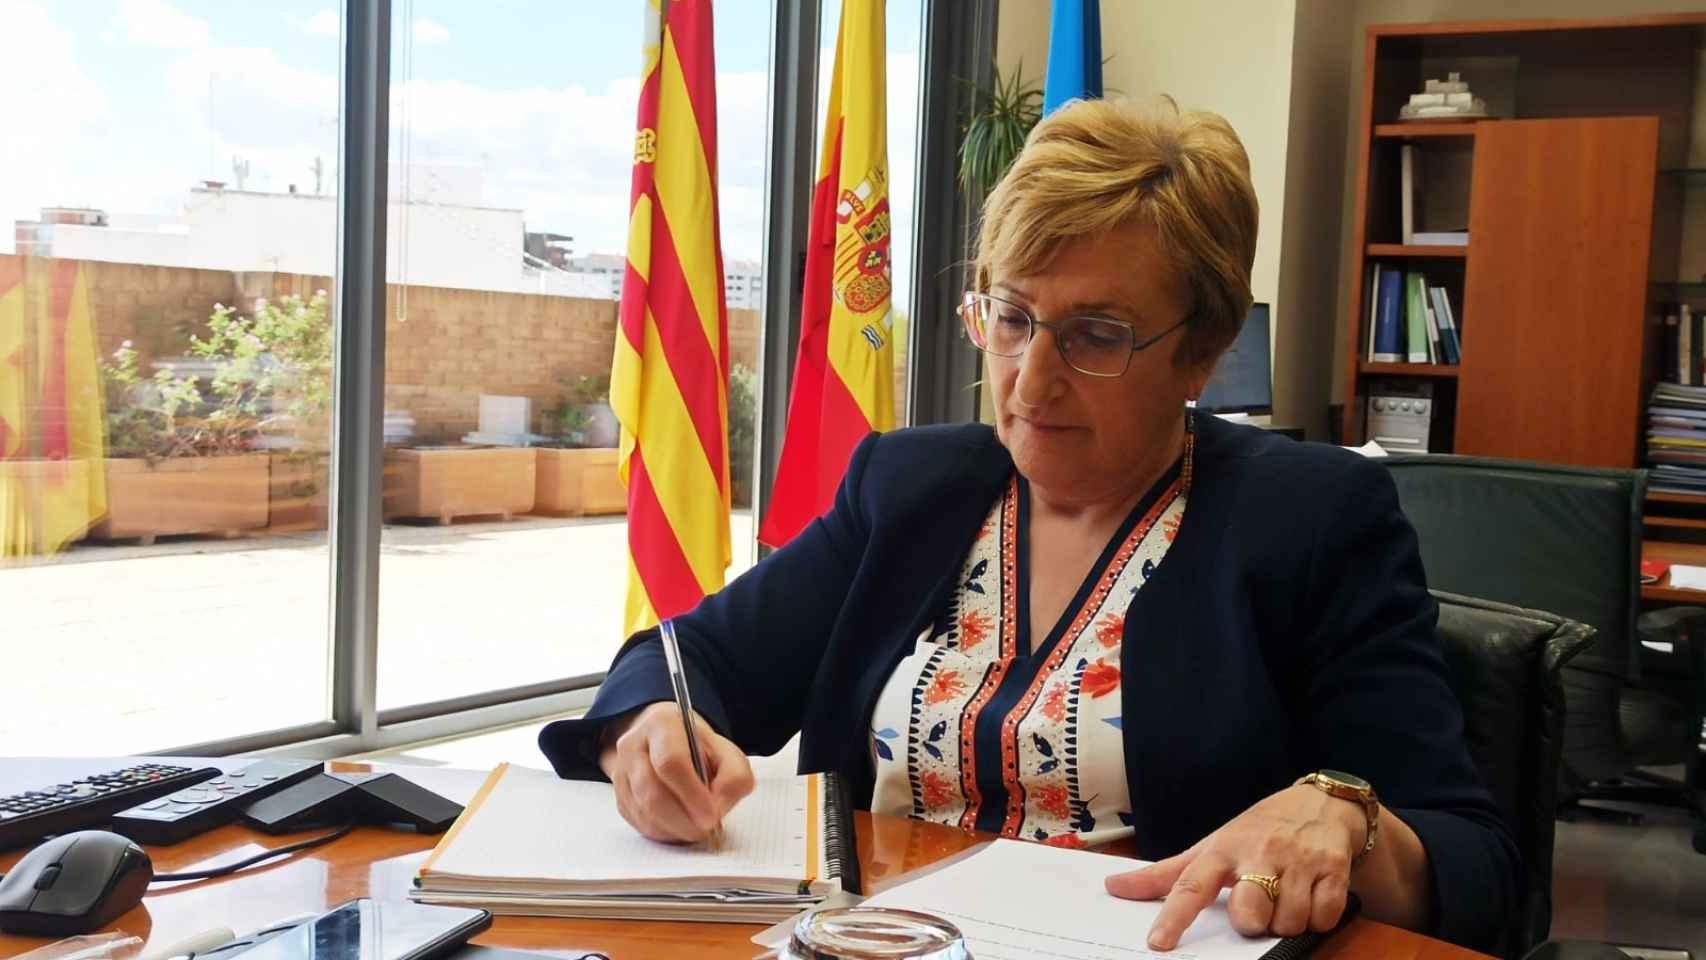 La consellera Barceló, en su despacho de trabajo.